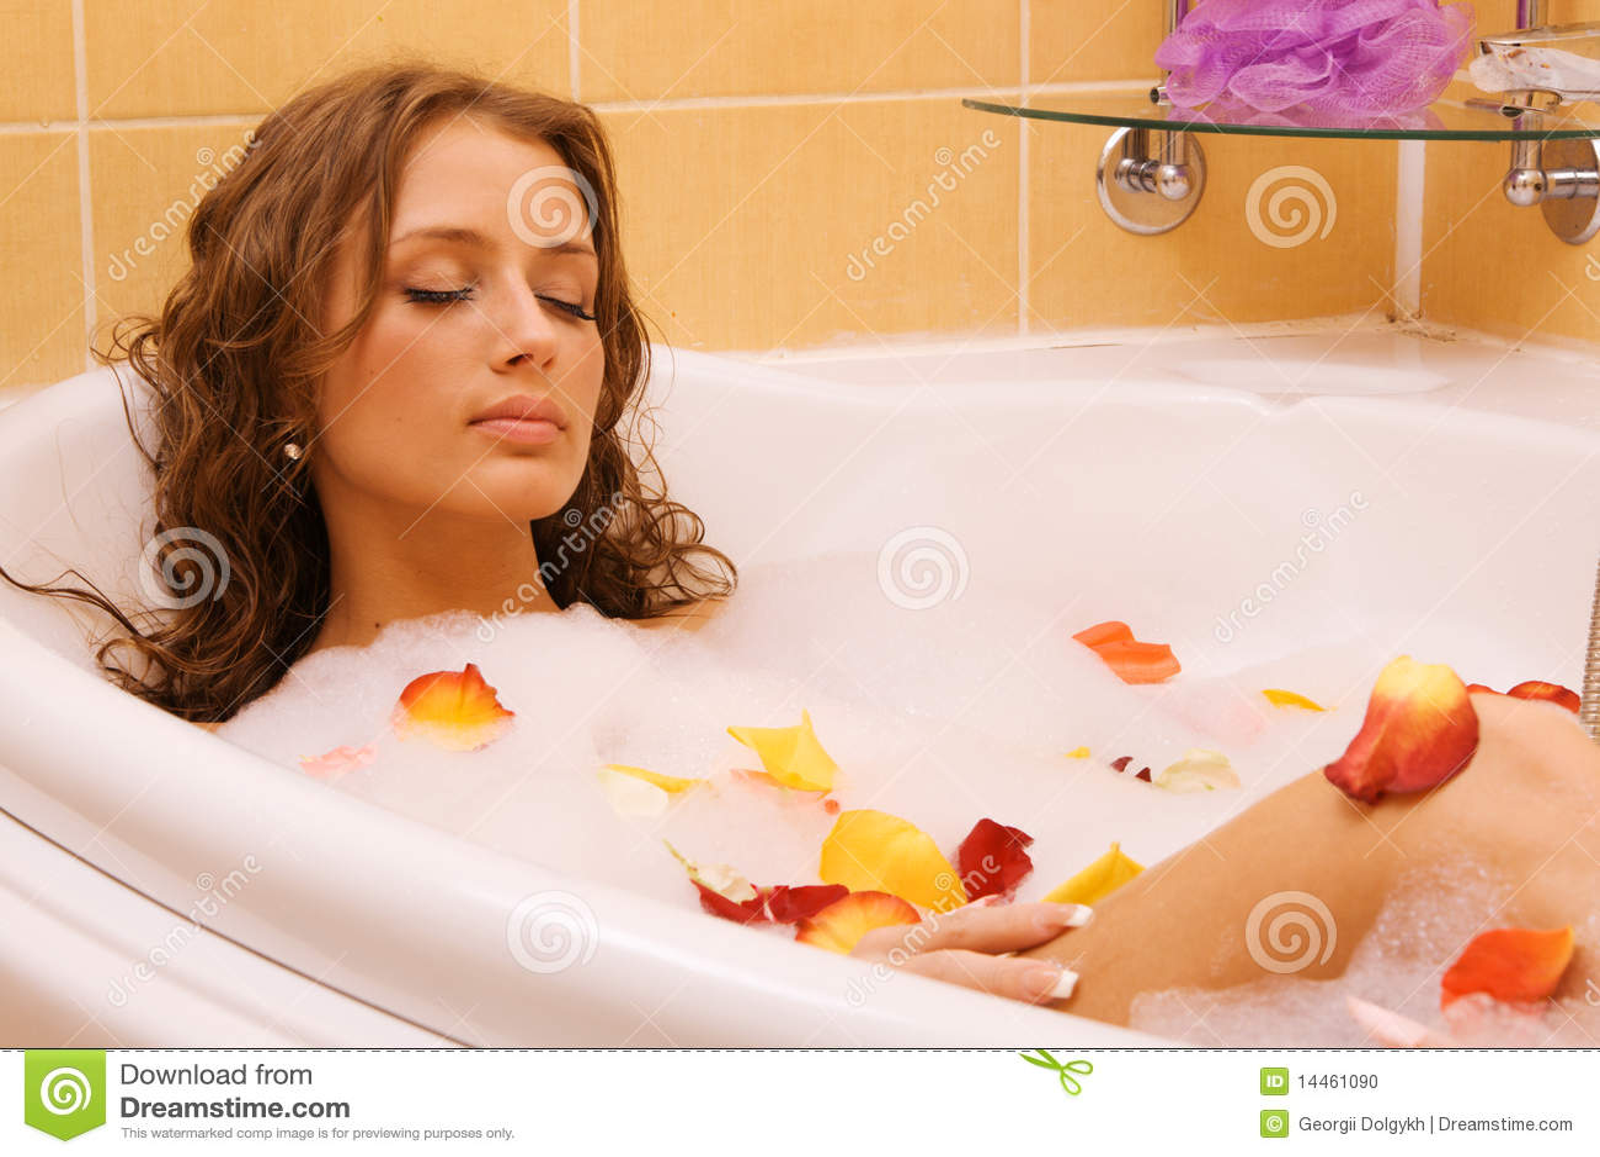 Смотреть бесплатно в онлайне как моются женщины, Эротика и порно, снятые в бане или в сауне смотреть 22 фотография